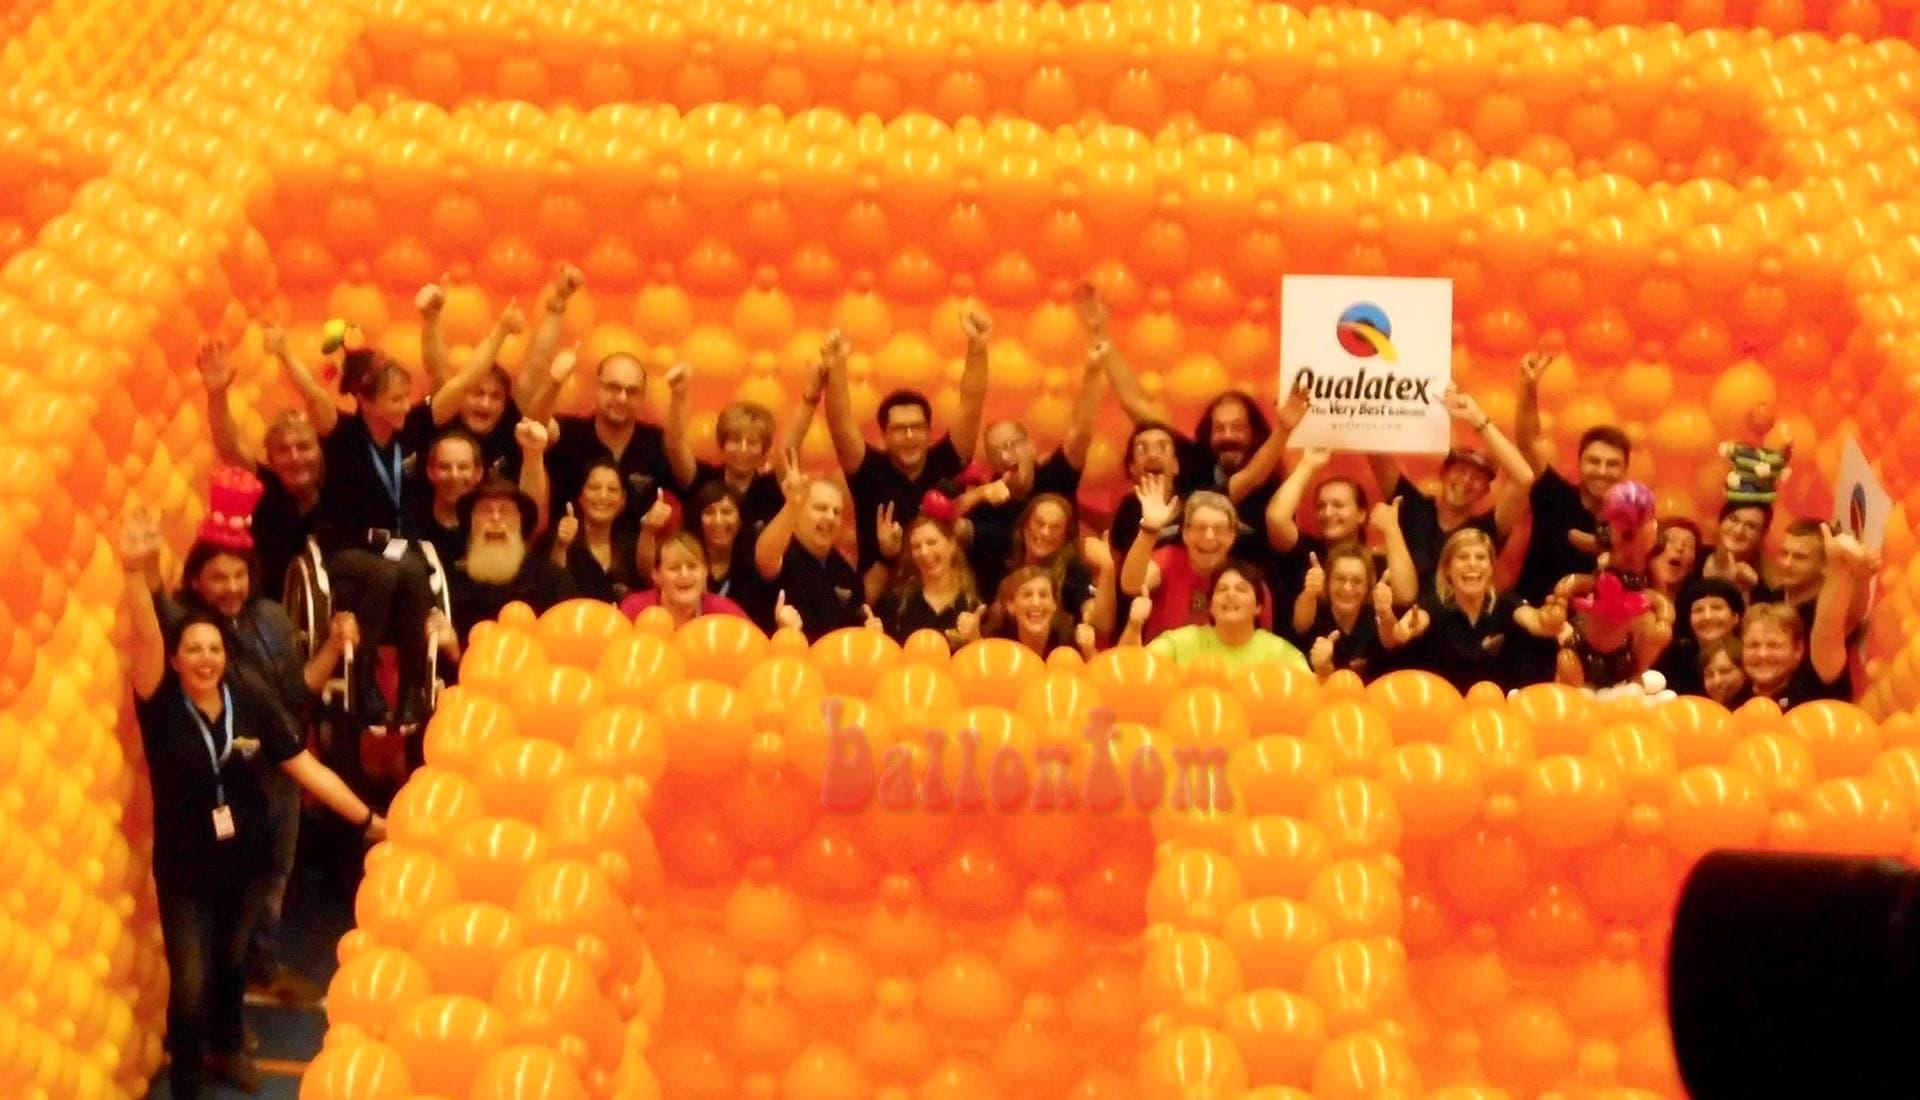 Weltrekord! Größtes Ballonlabyrinth mit über 100.000 Ballons mit ballontom - Weltrekord-Team